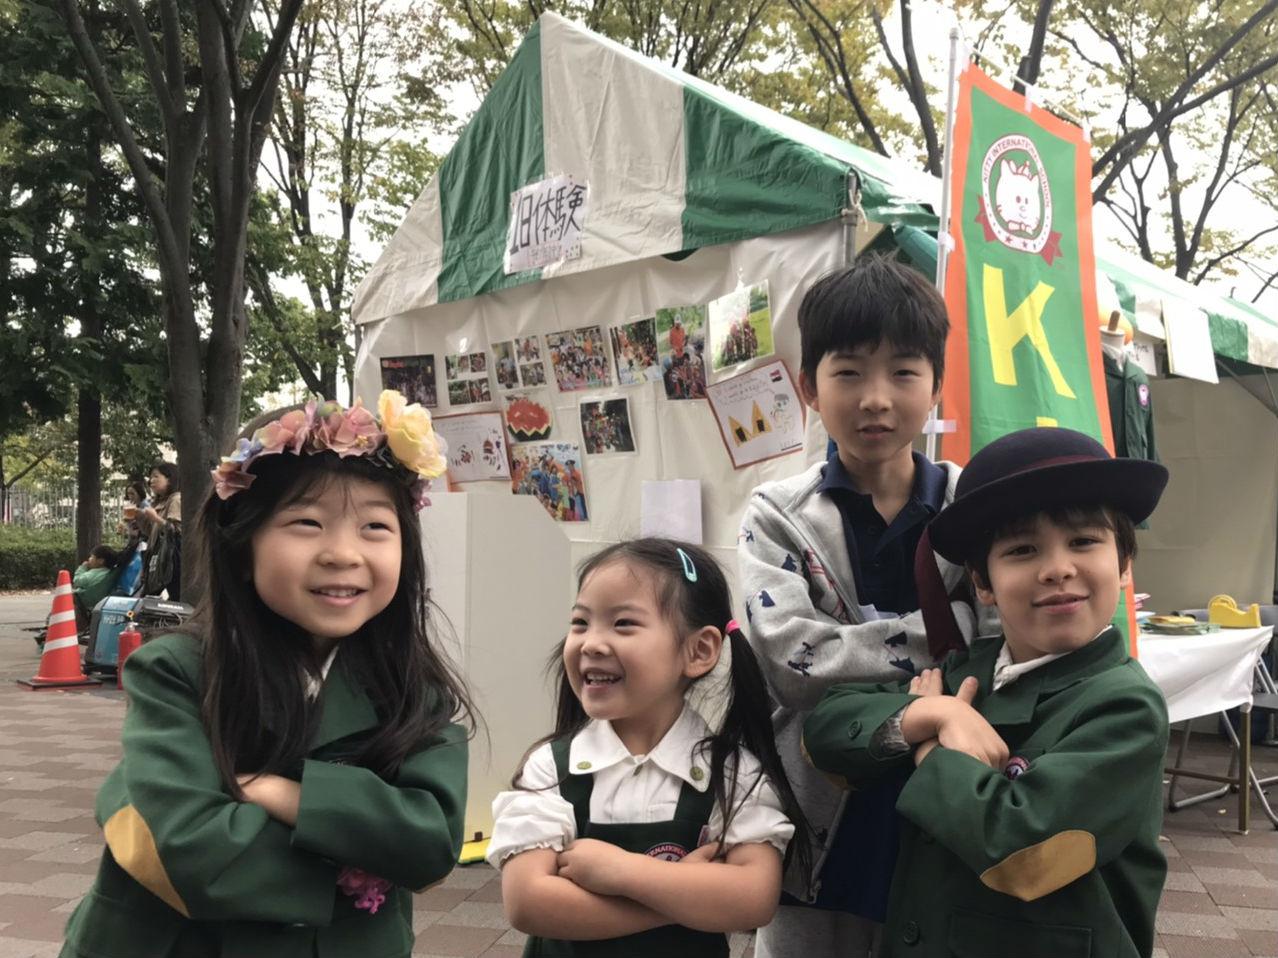 英語幼稚園でスピーチイベントに参加する子ども達